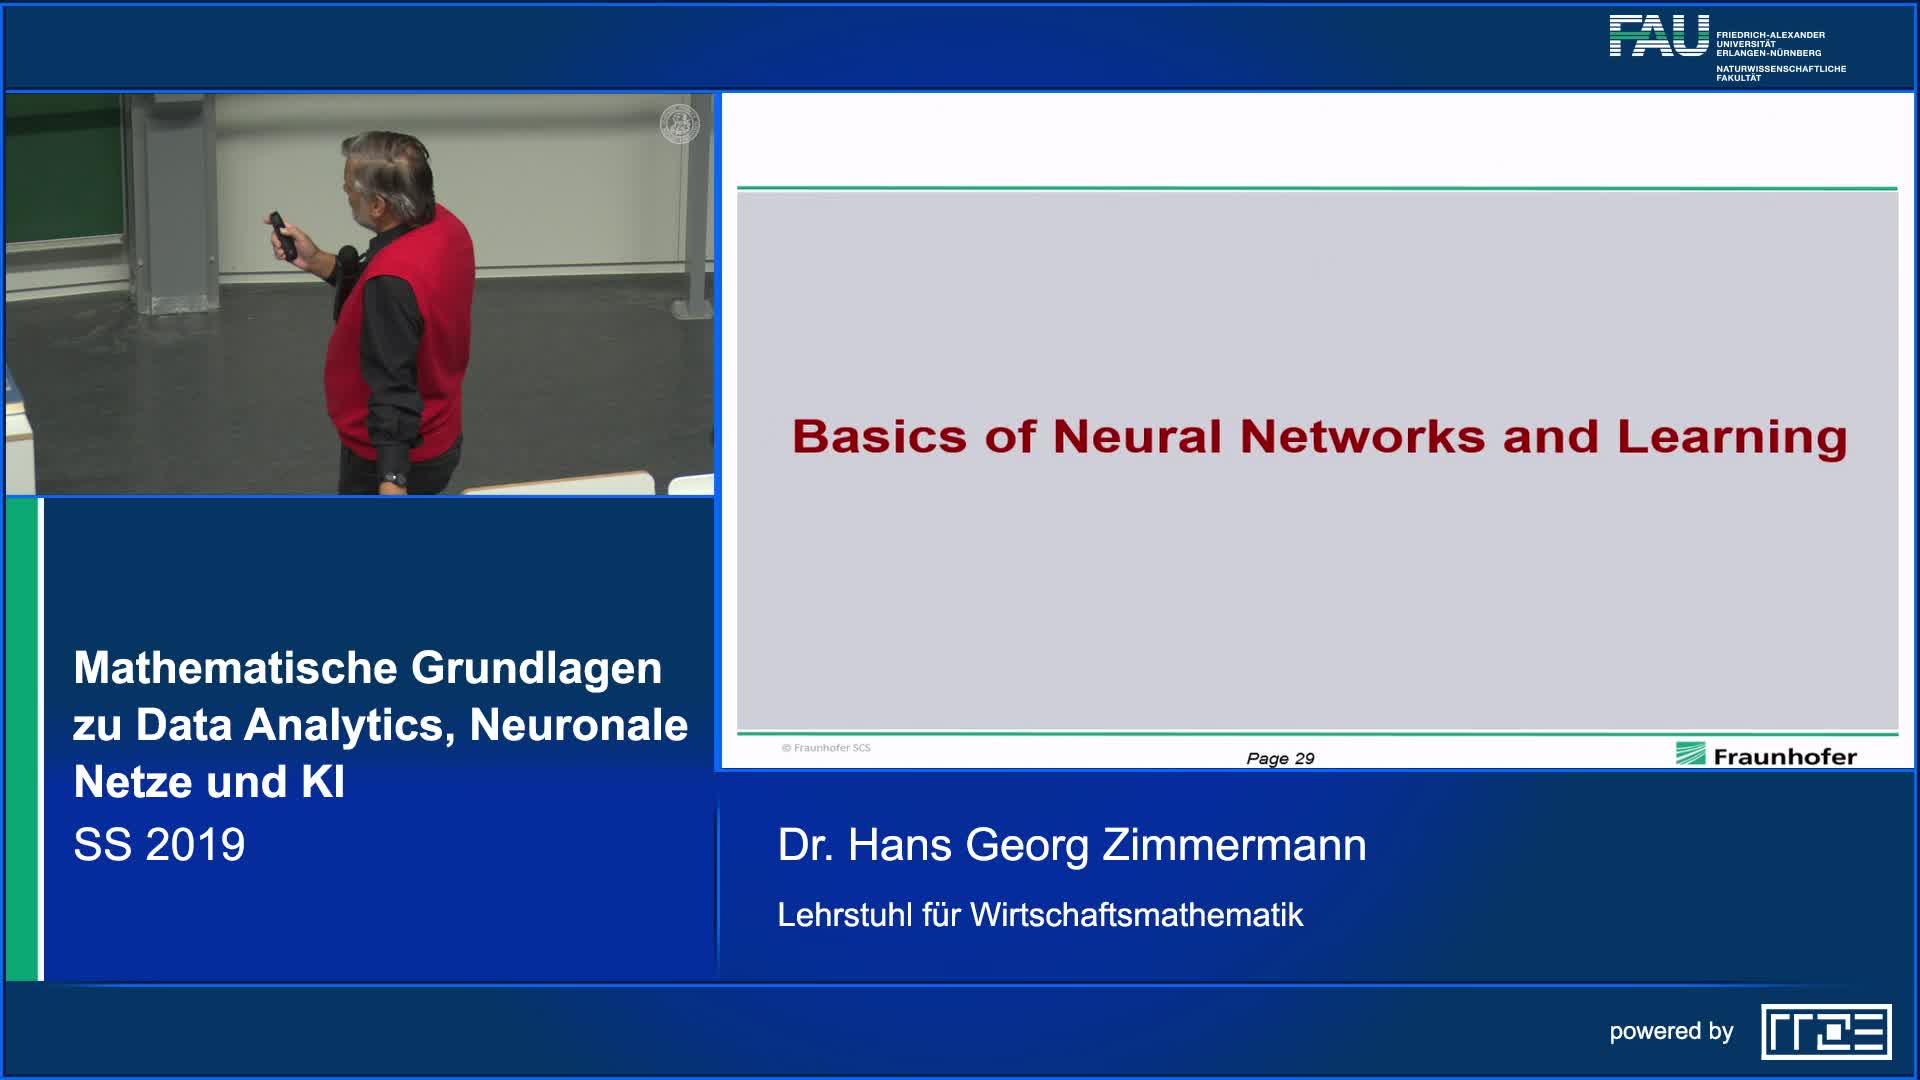 Mathematische Grundlagen zu Data Analytics, Neuronale Netze und Künstliche Intelligenz preview image